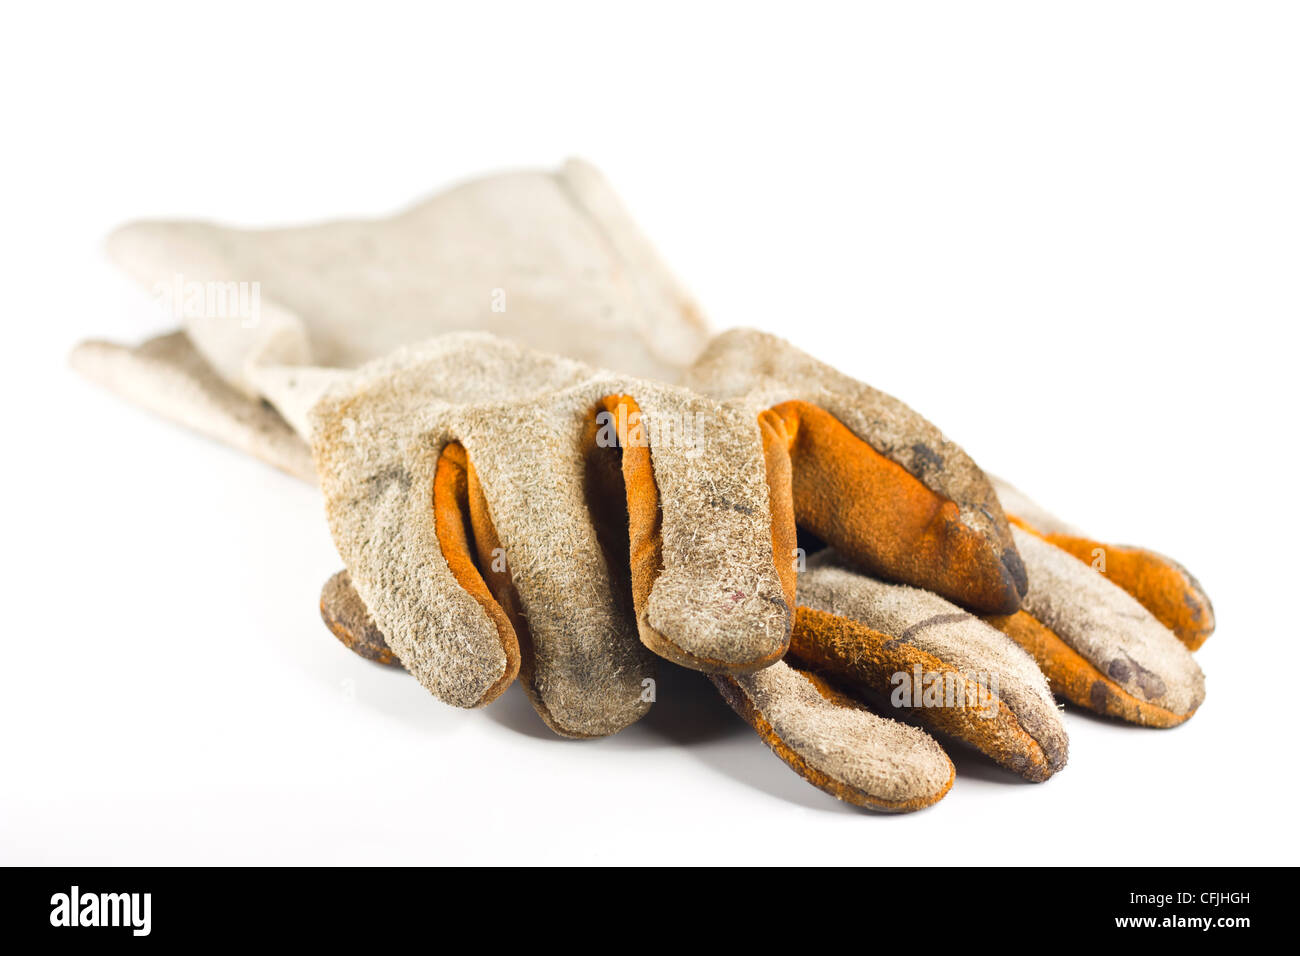 Gants en cuir anciens sale accent peu profond isolé sur fond blanc Photo Stock